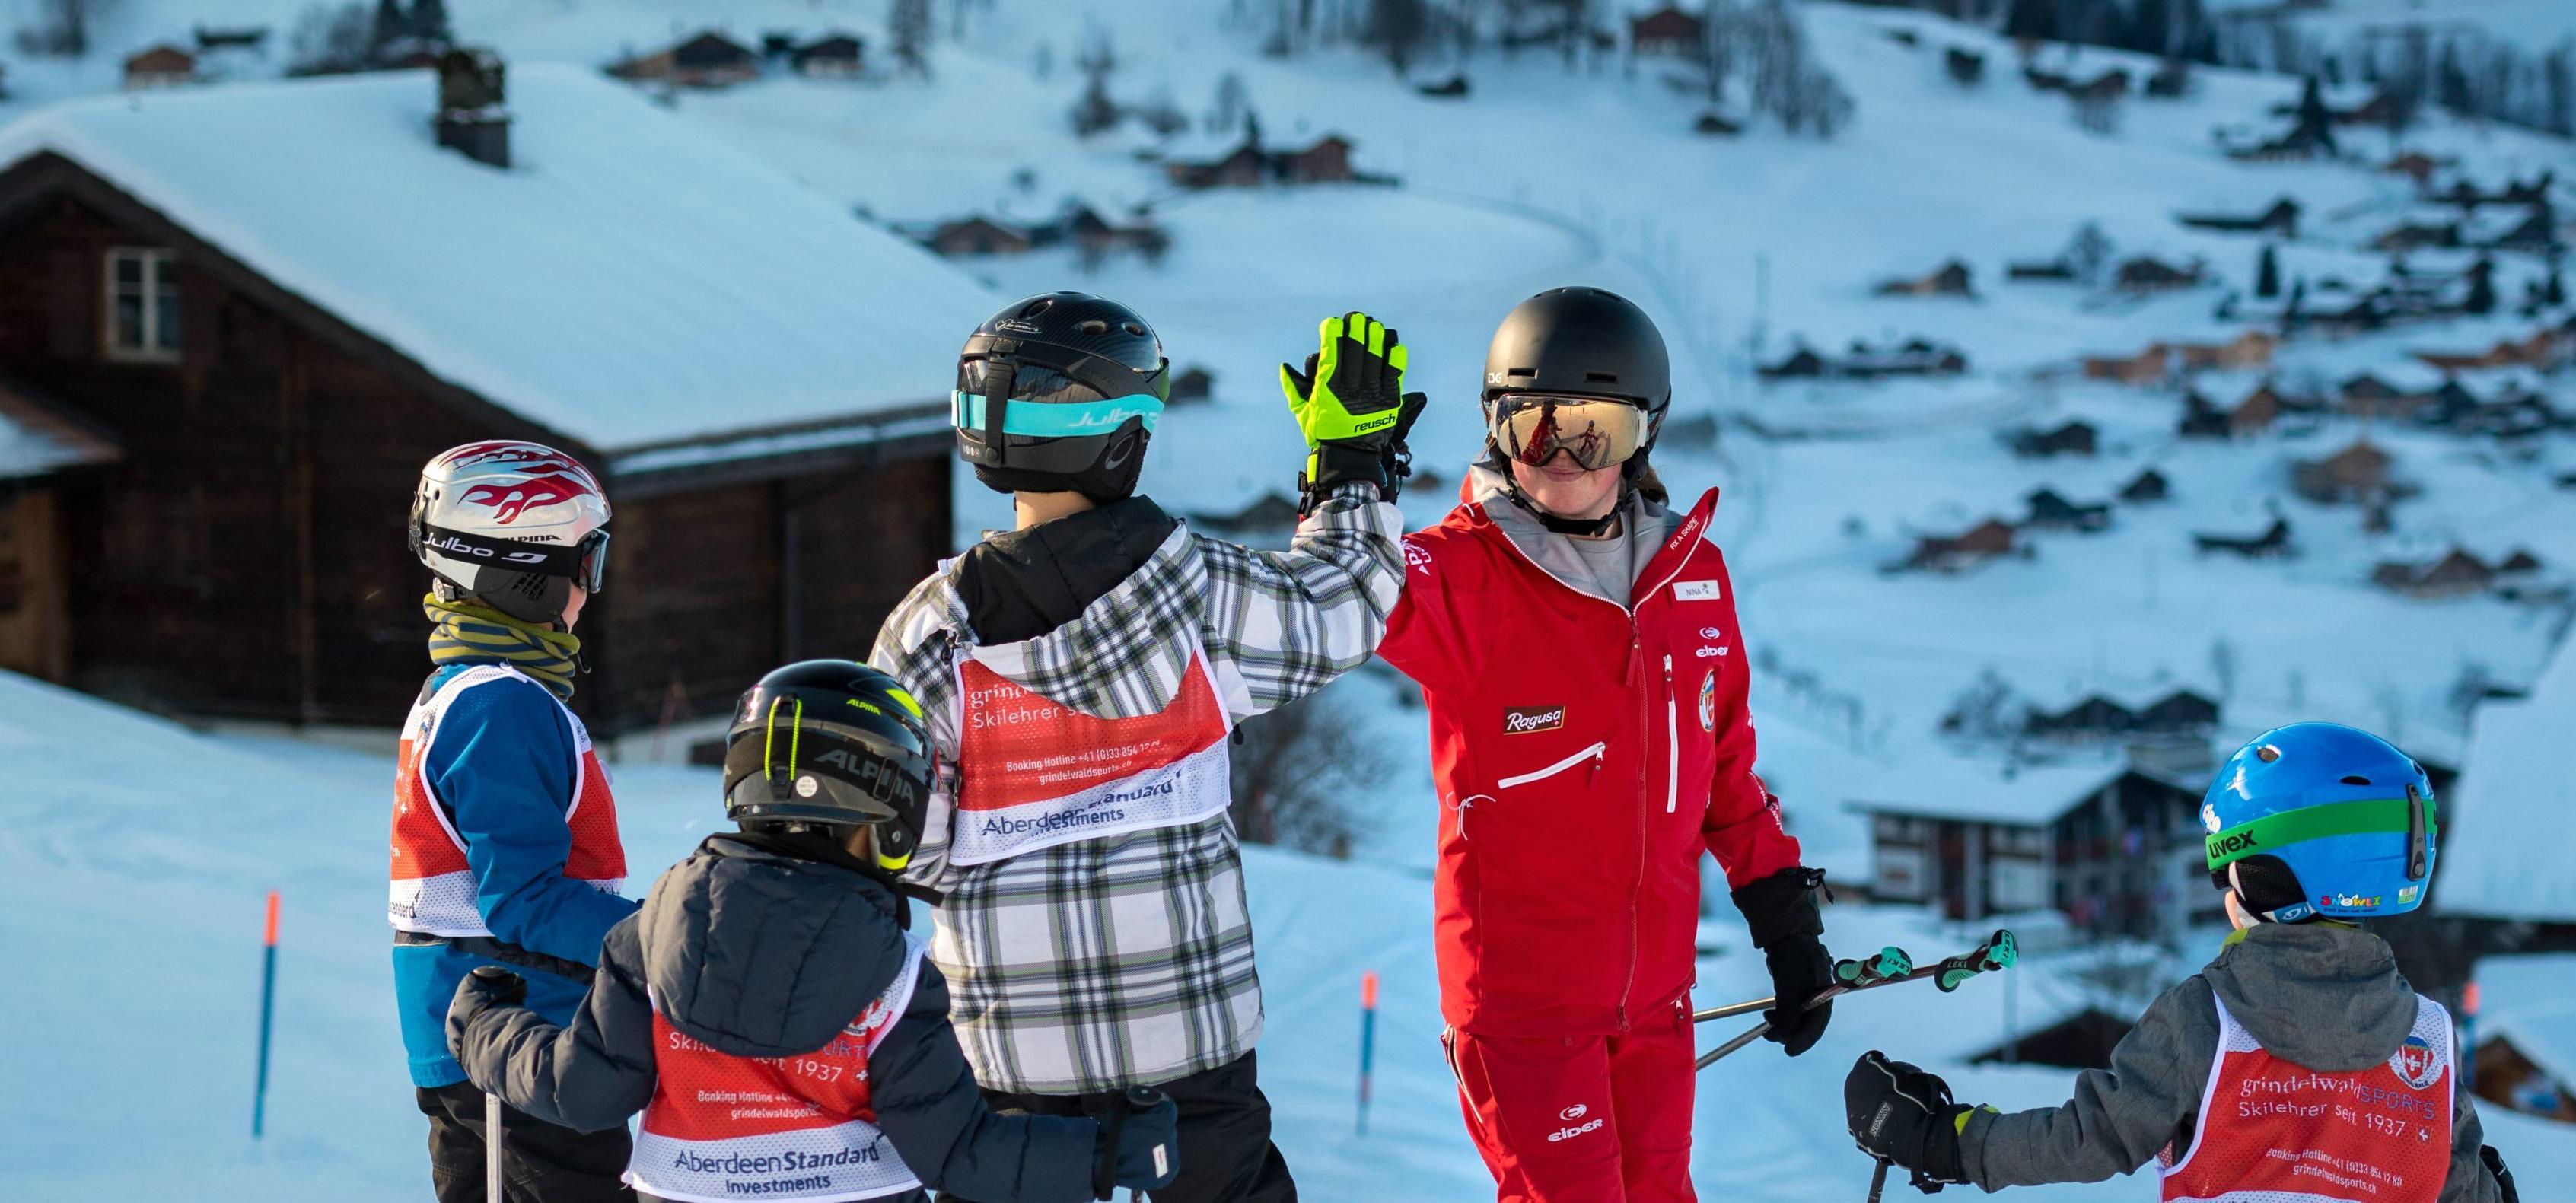 Lezioni di sci per bambini a partire da 6 anni per principianti